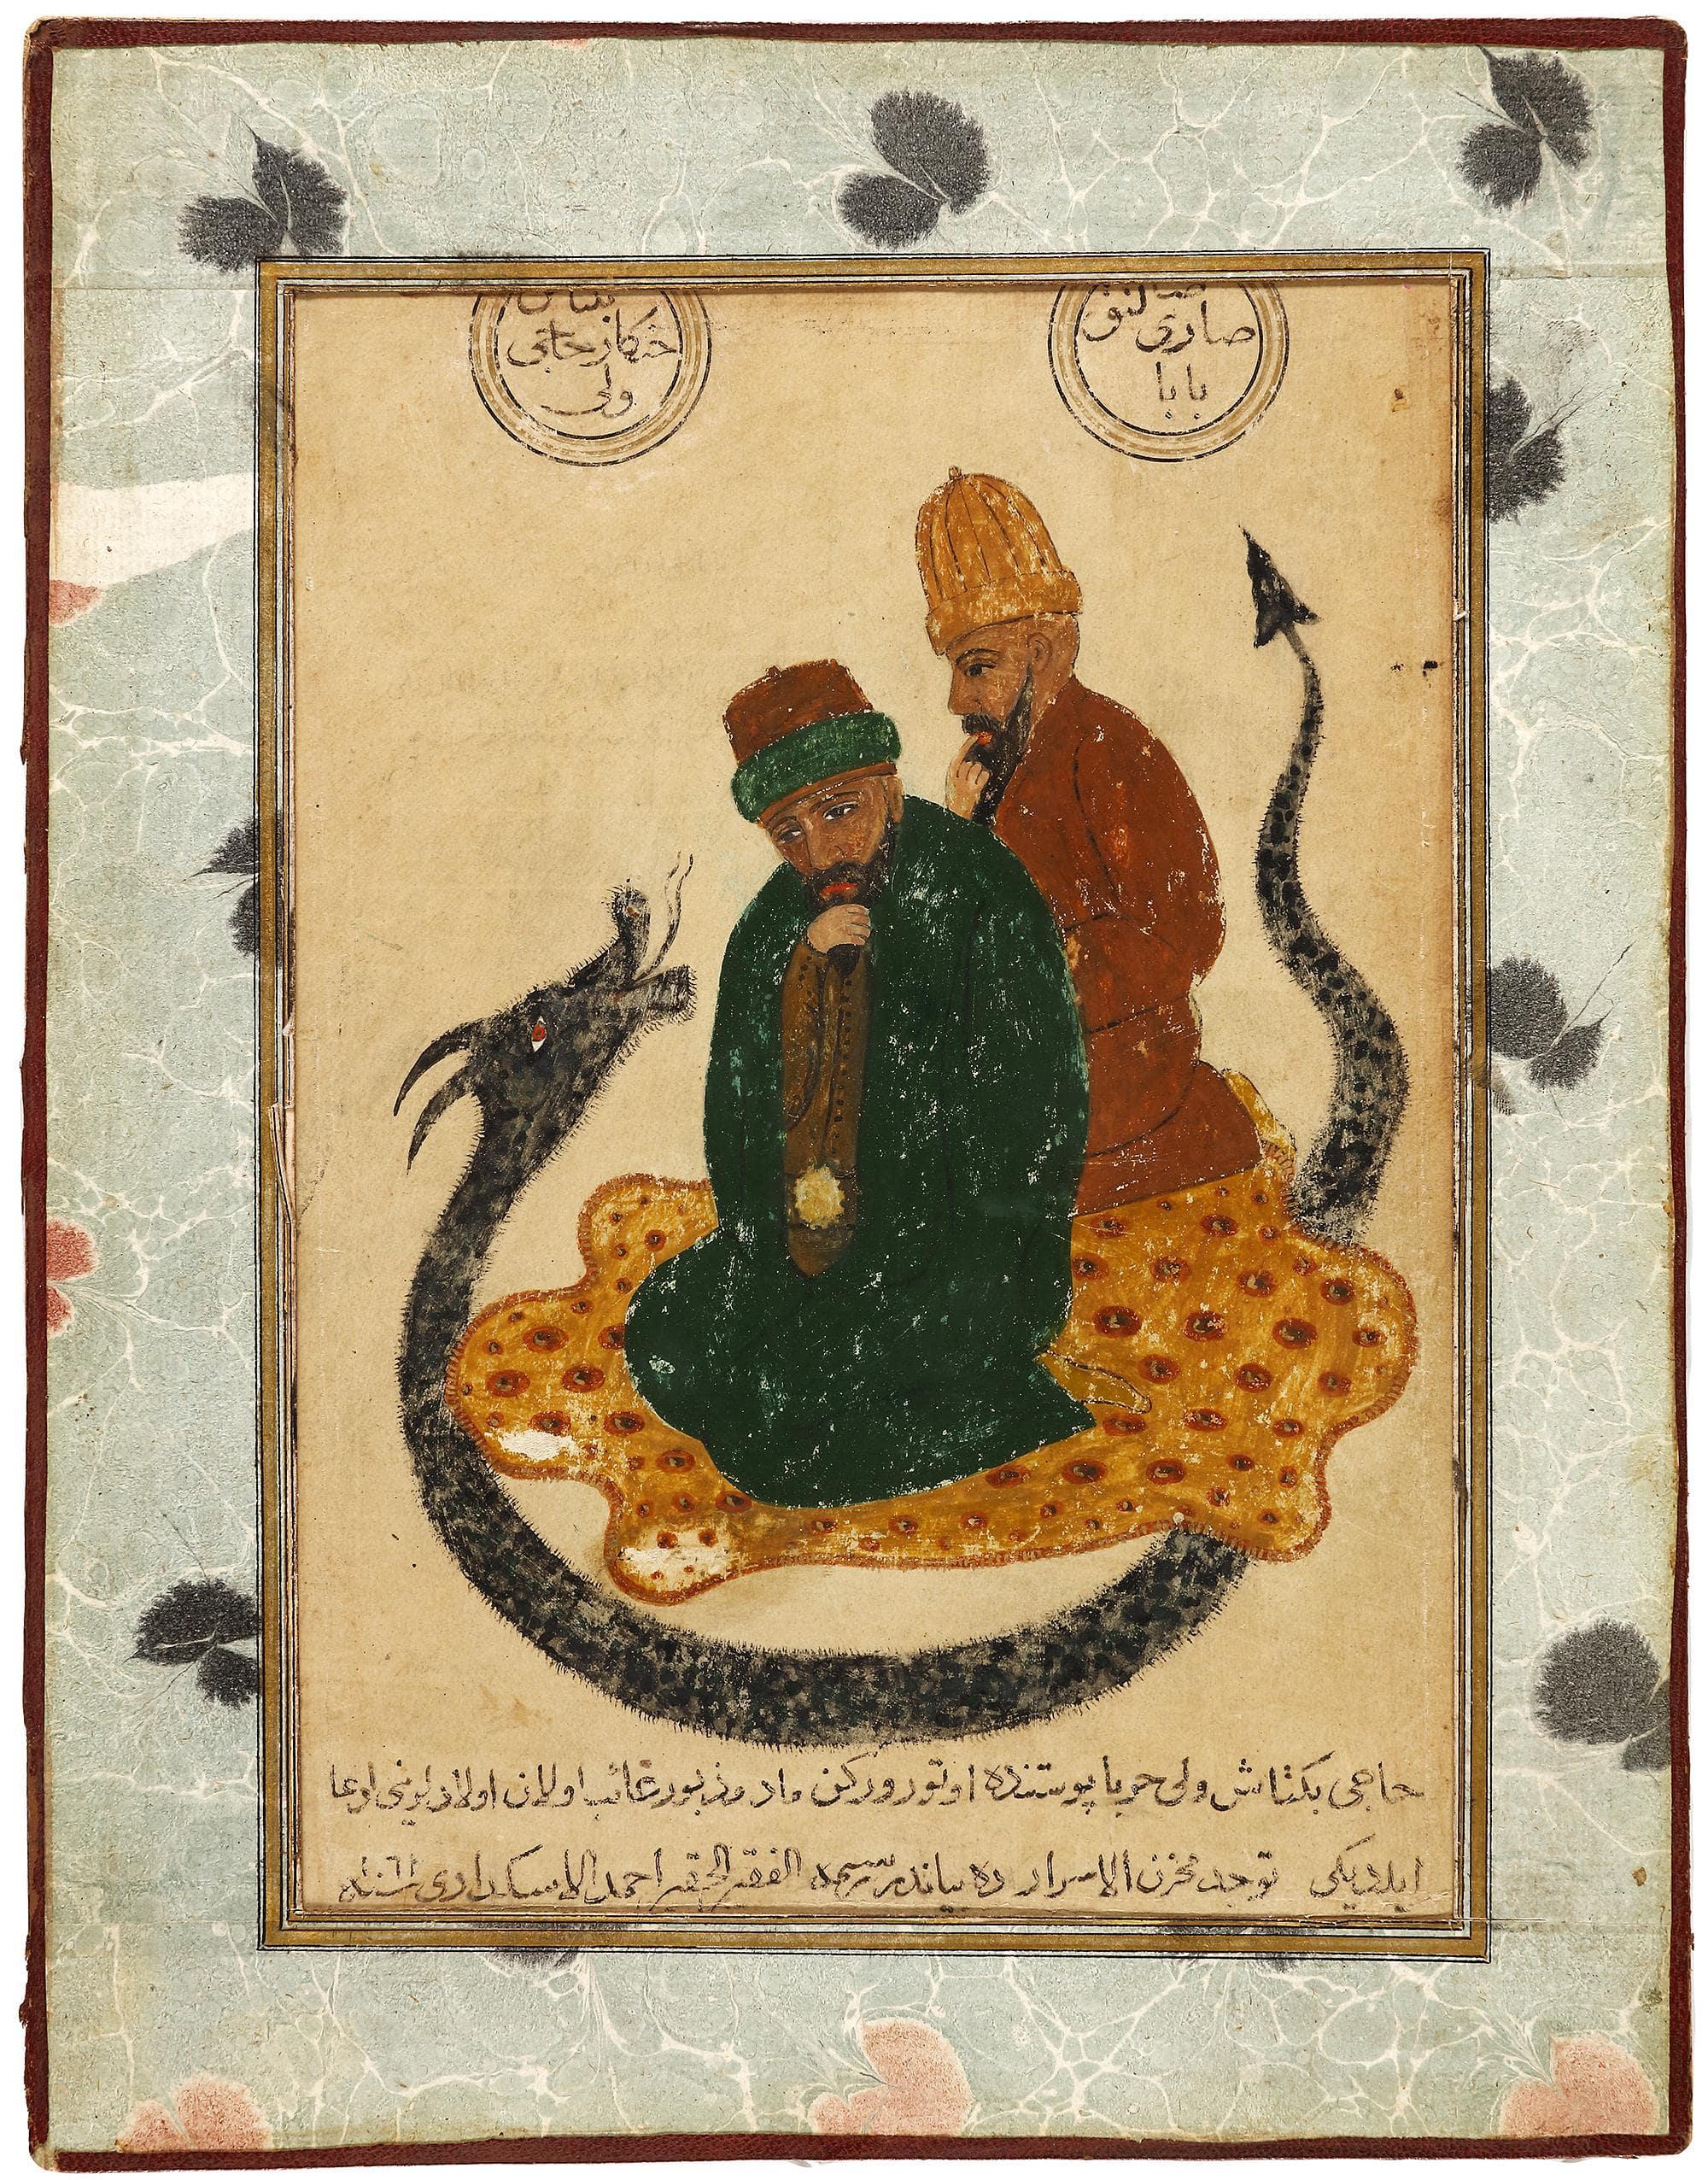 haci-bektas-i-velinin-portesi-hollandada-satildi-alici-turkiyeden-cikti-8857-dhaphoto1.jpg